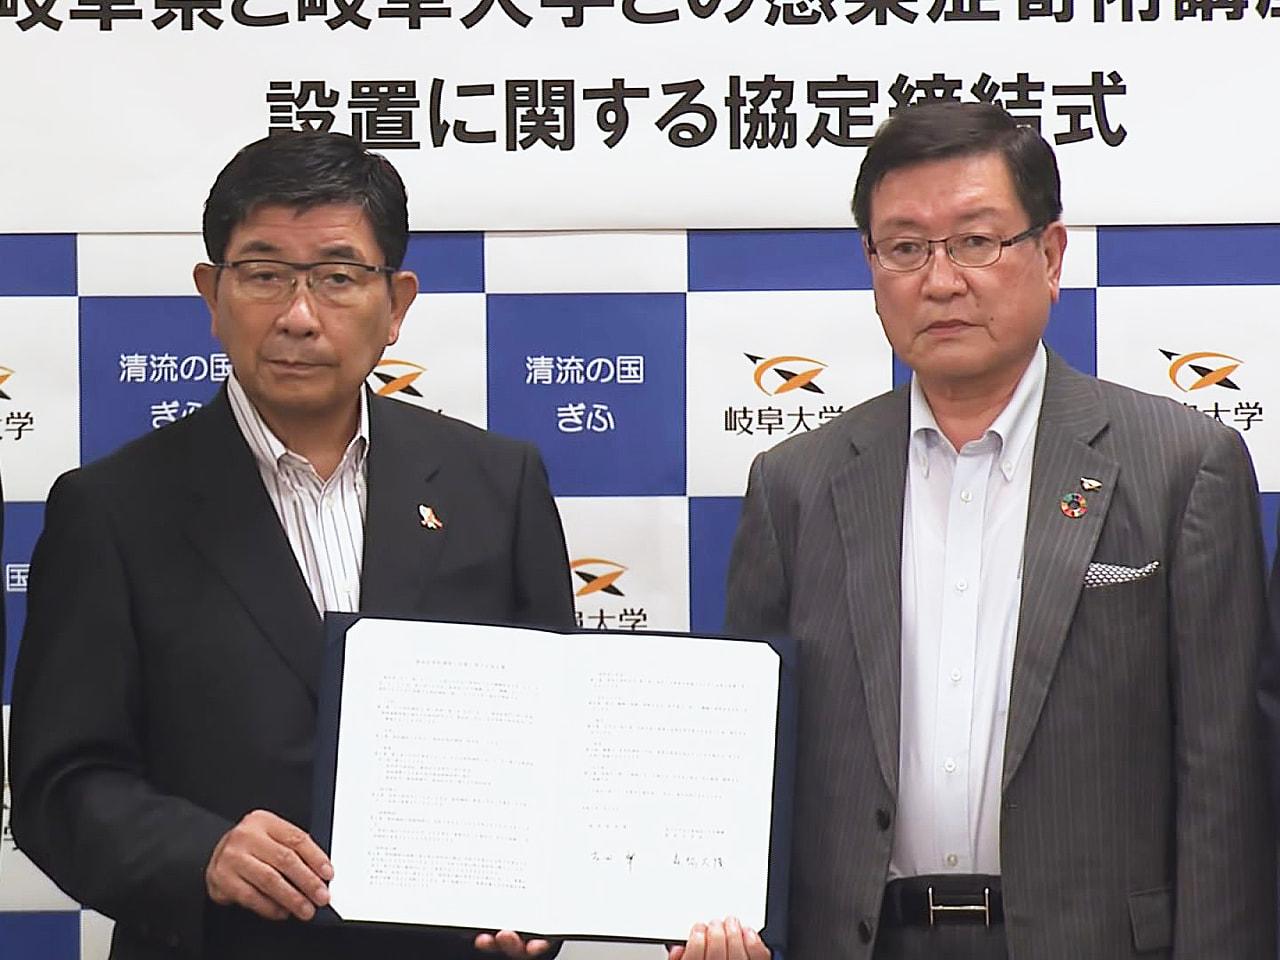 岐阜大学は岐阜県の寄付で、感染症対策の専門家などを育成する講座を設置します。 協...